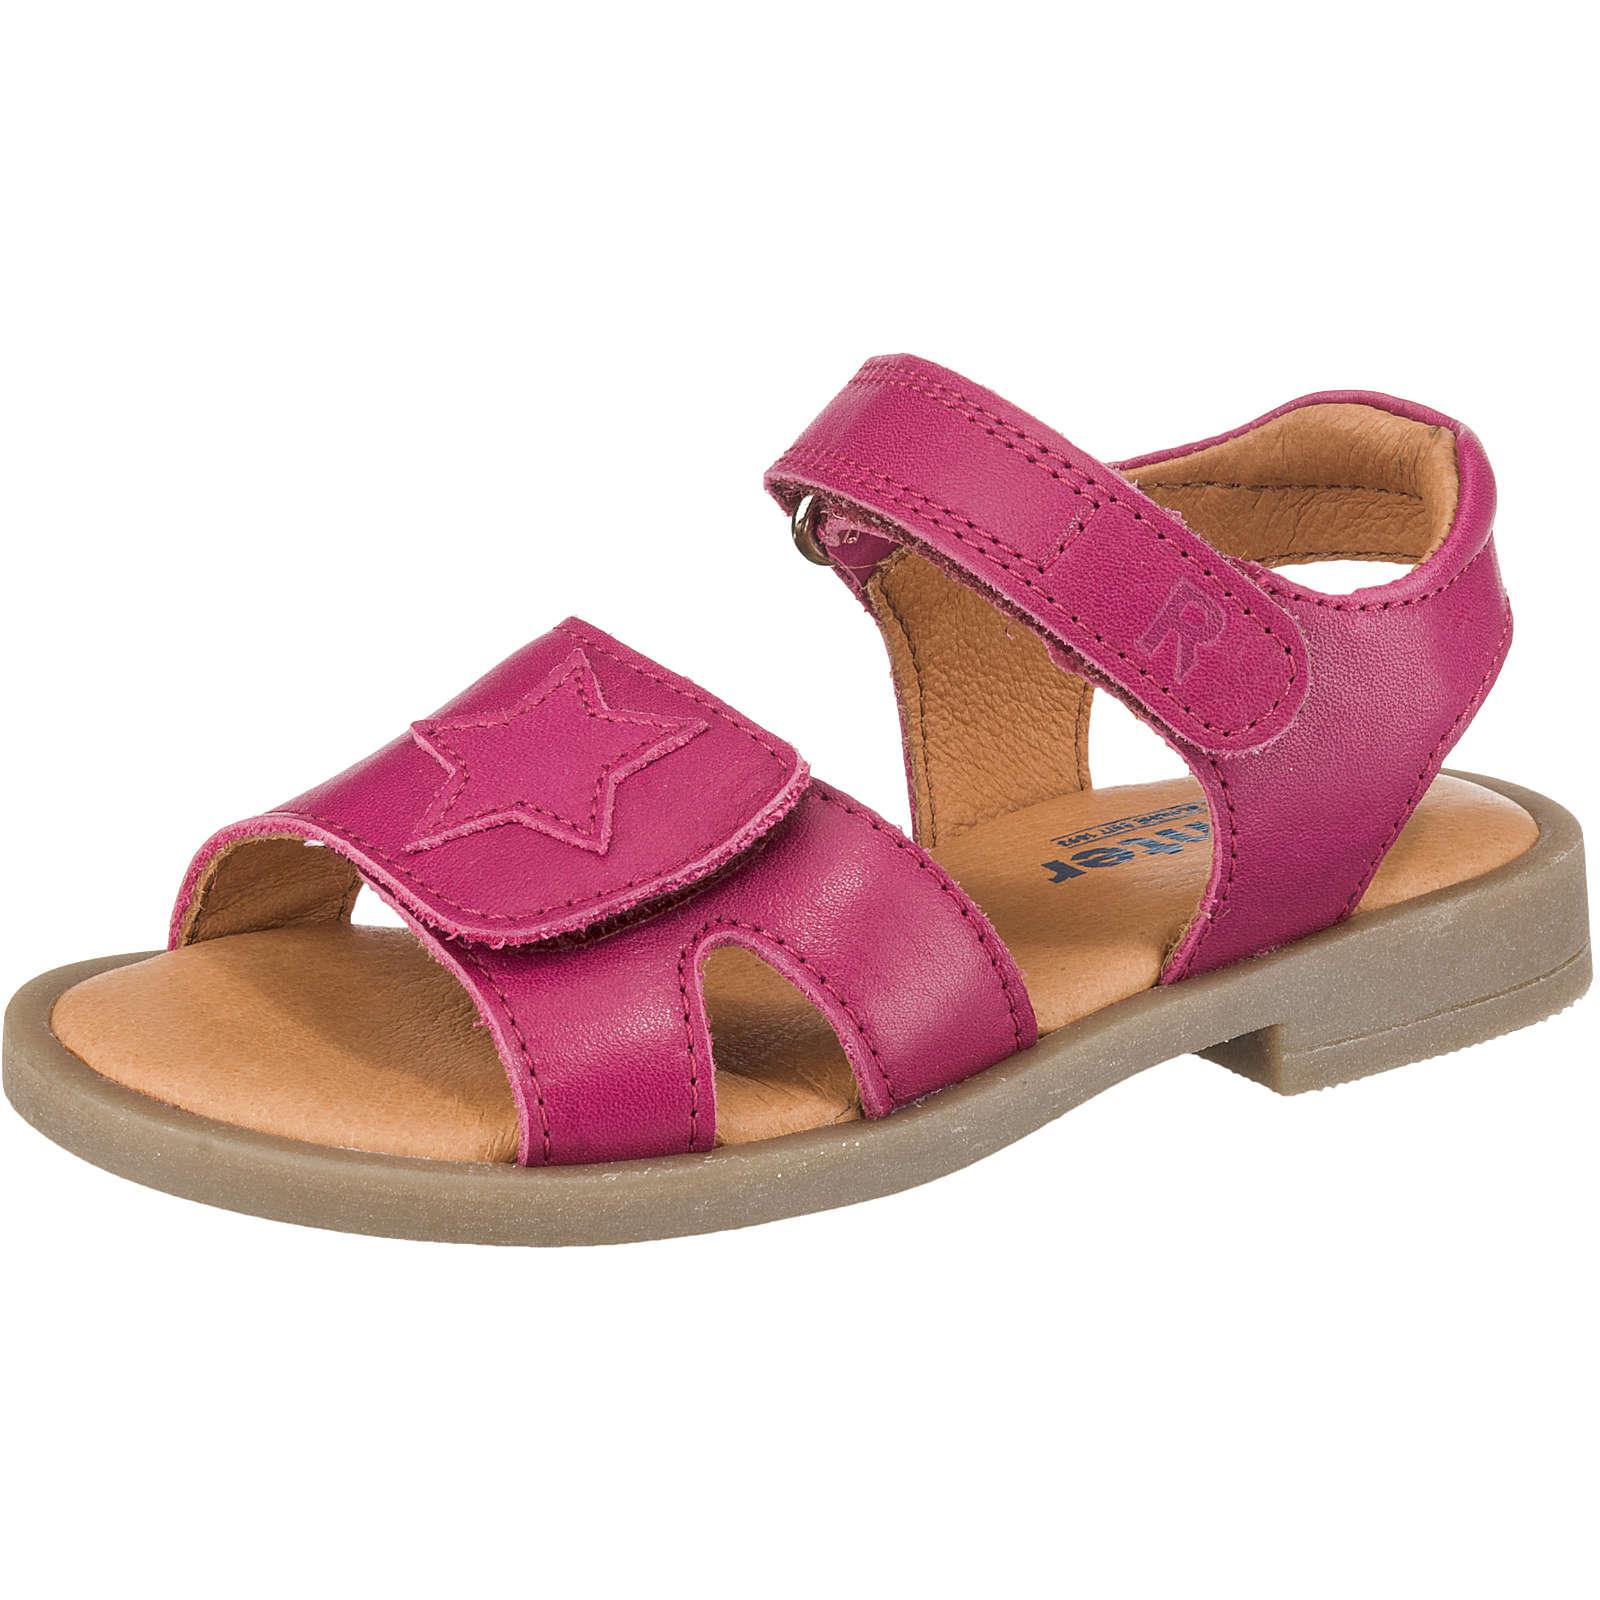 RICHTER Sandalen für Mädchen pink Mädchen Gr. 27